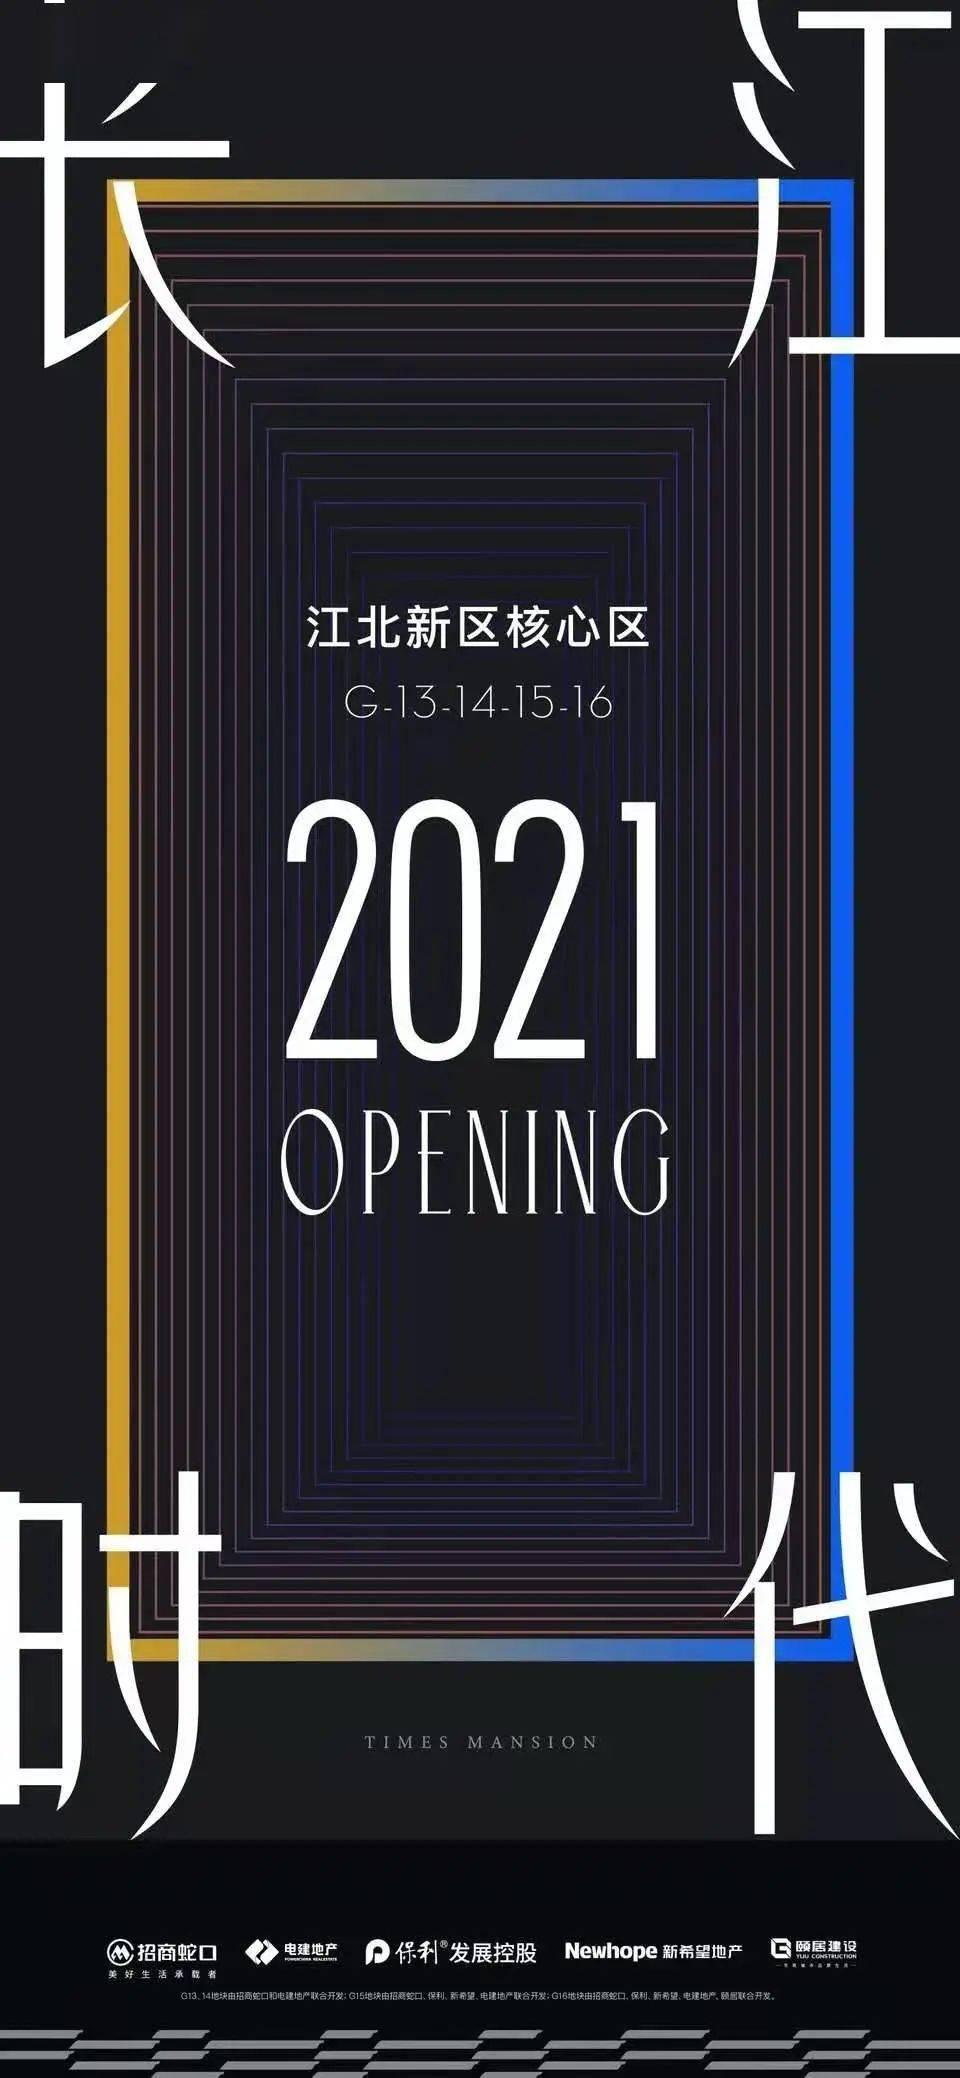 江北核心区4盘案名公布!百家湖规划升级再添小学、住宅